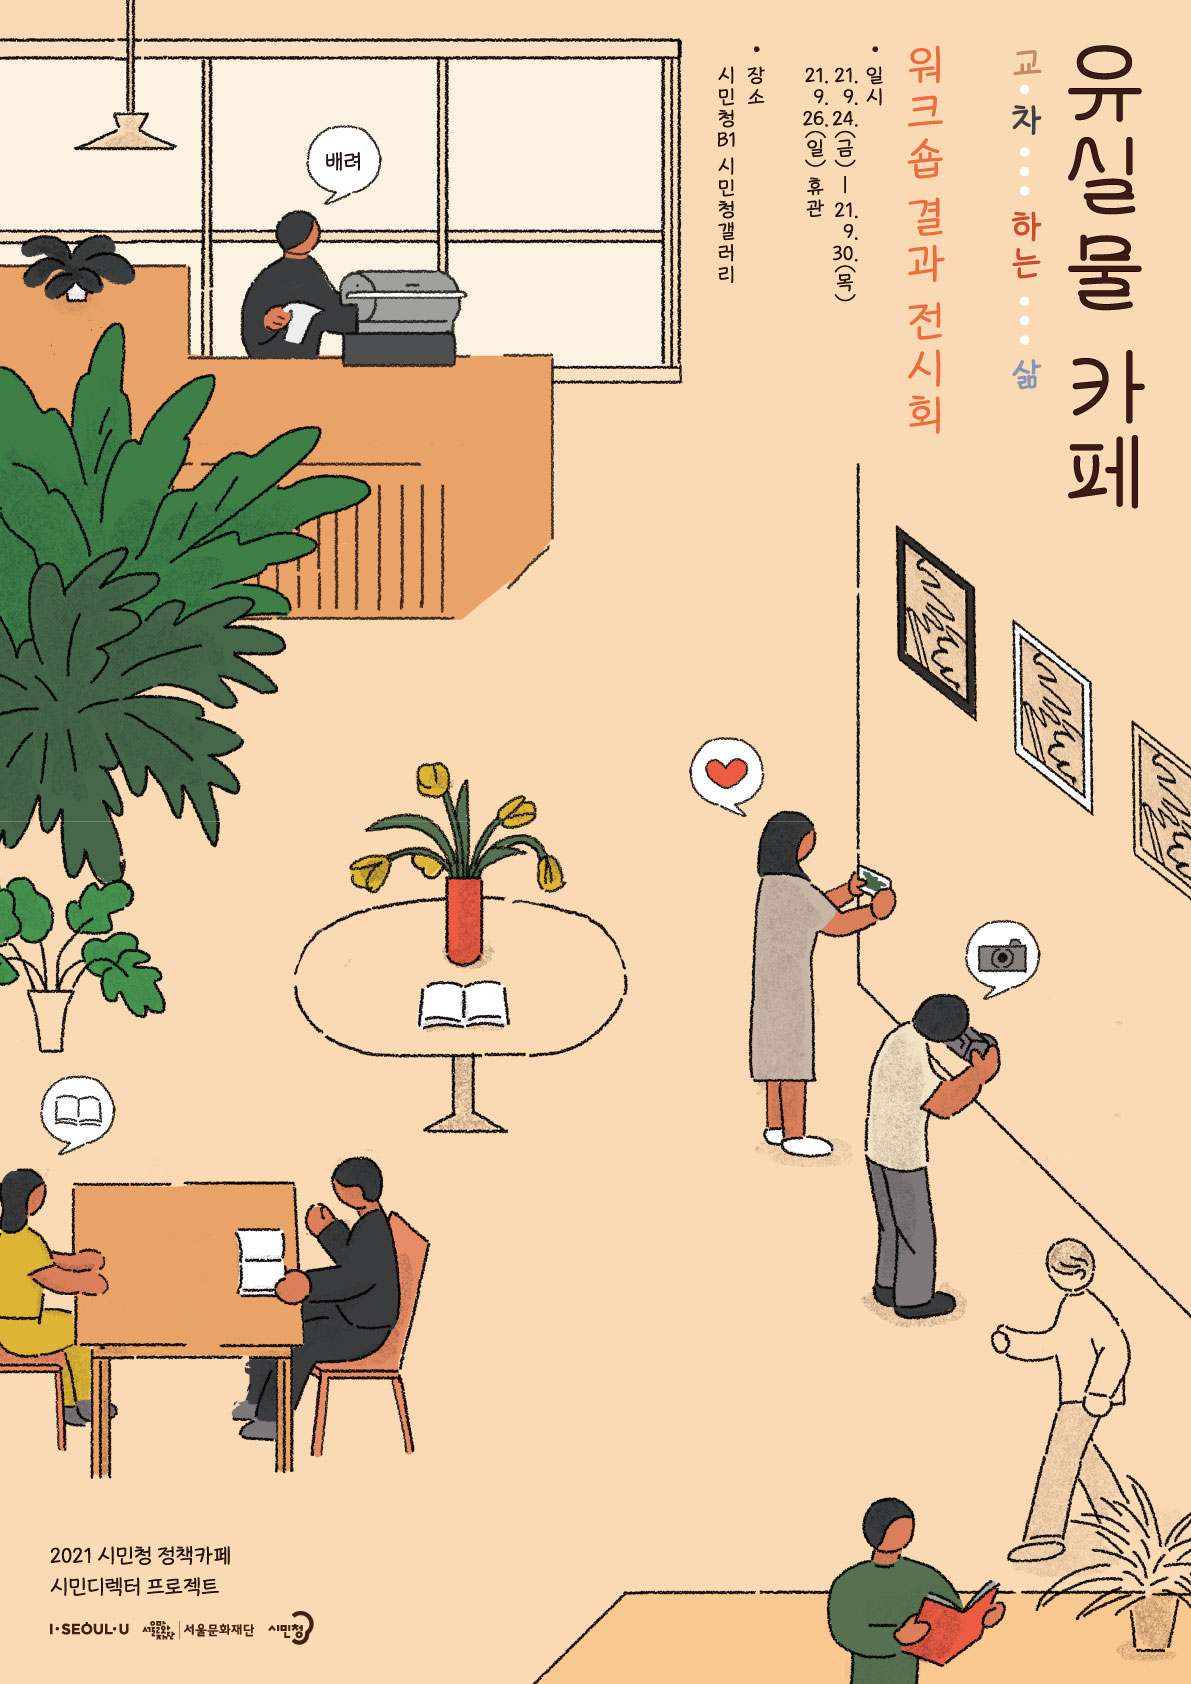 유실물카페 전시 포스터